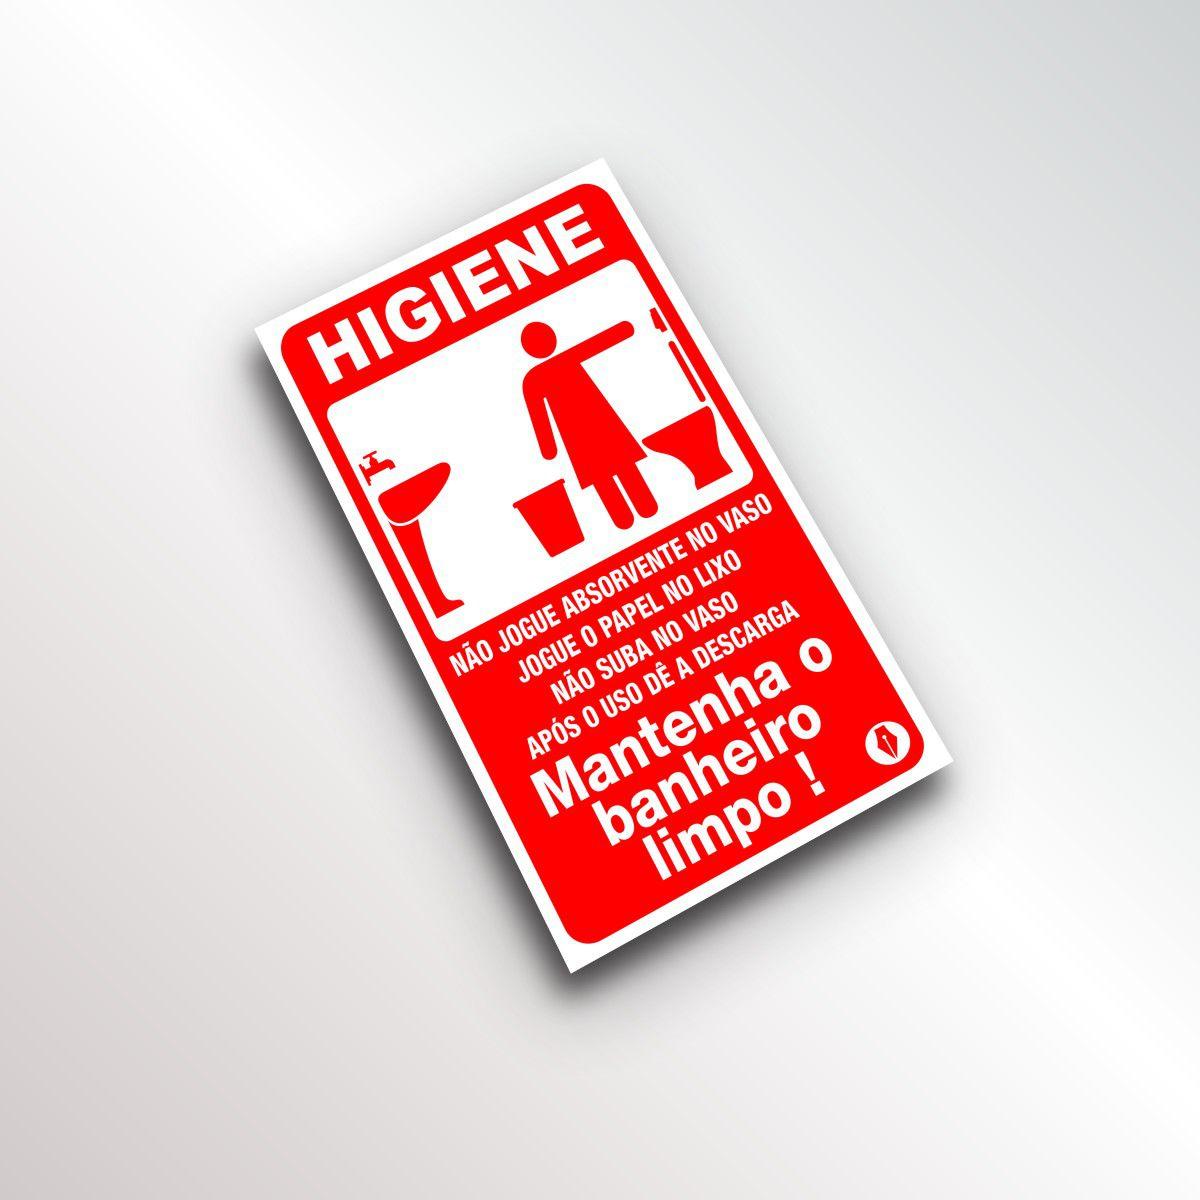 Placa de Higiene Banheiro Feminino